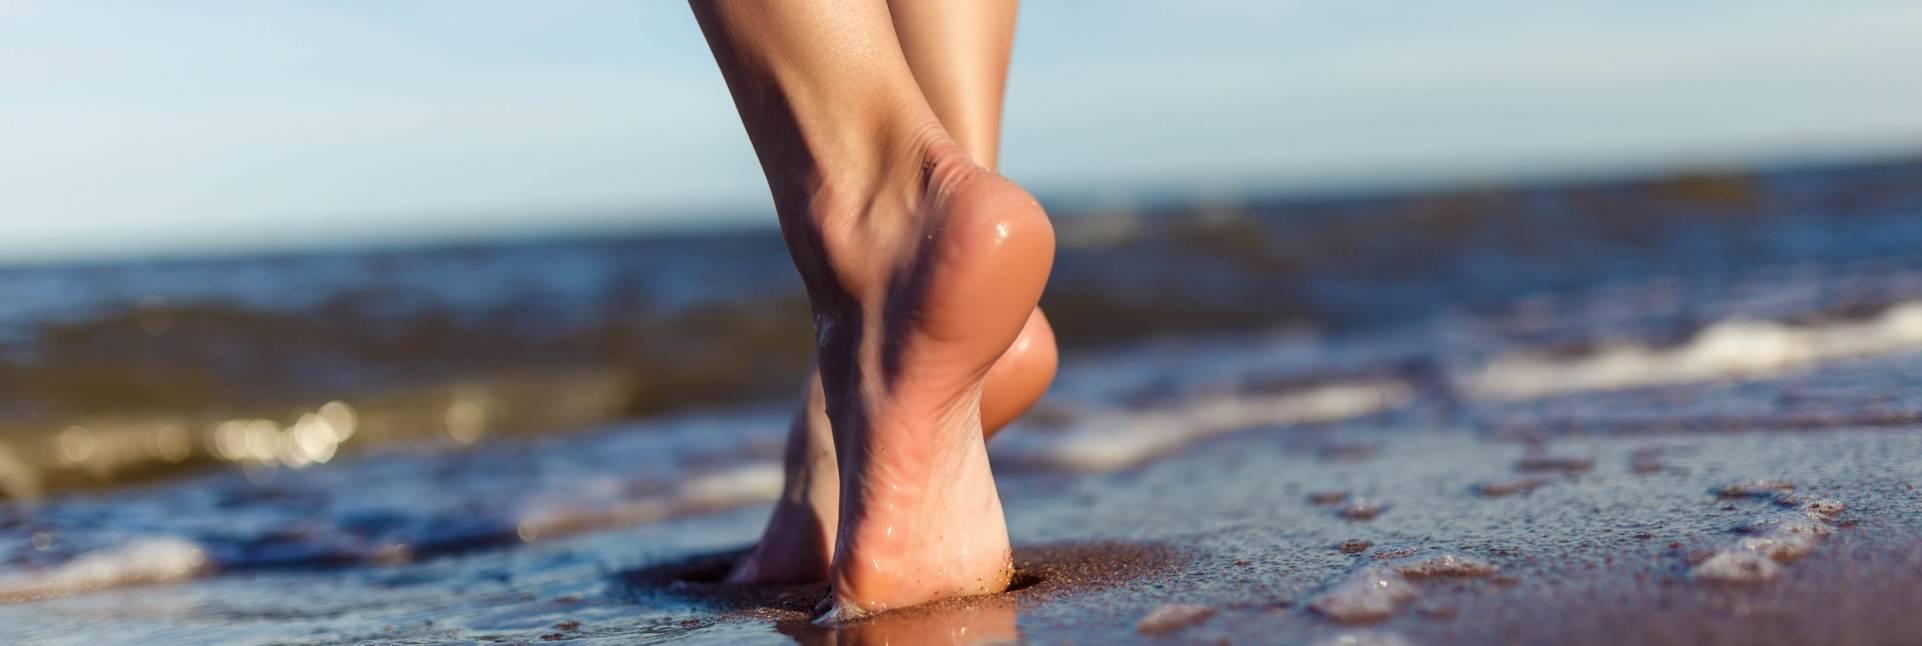 5 consejos para recuperar los pies después del verano